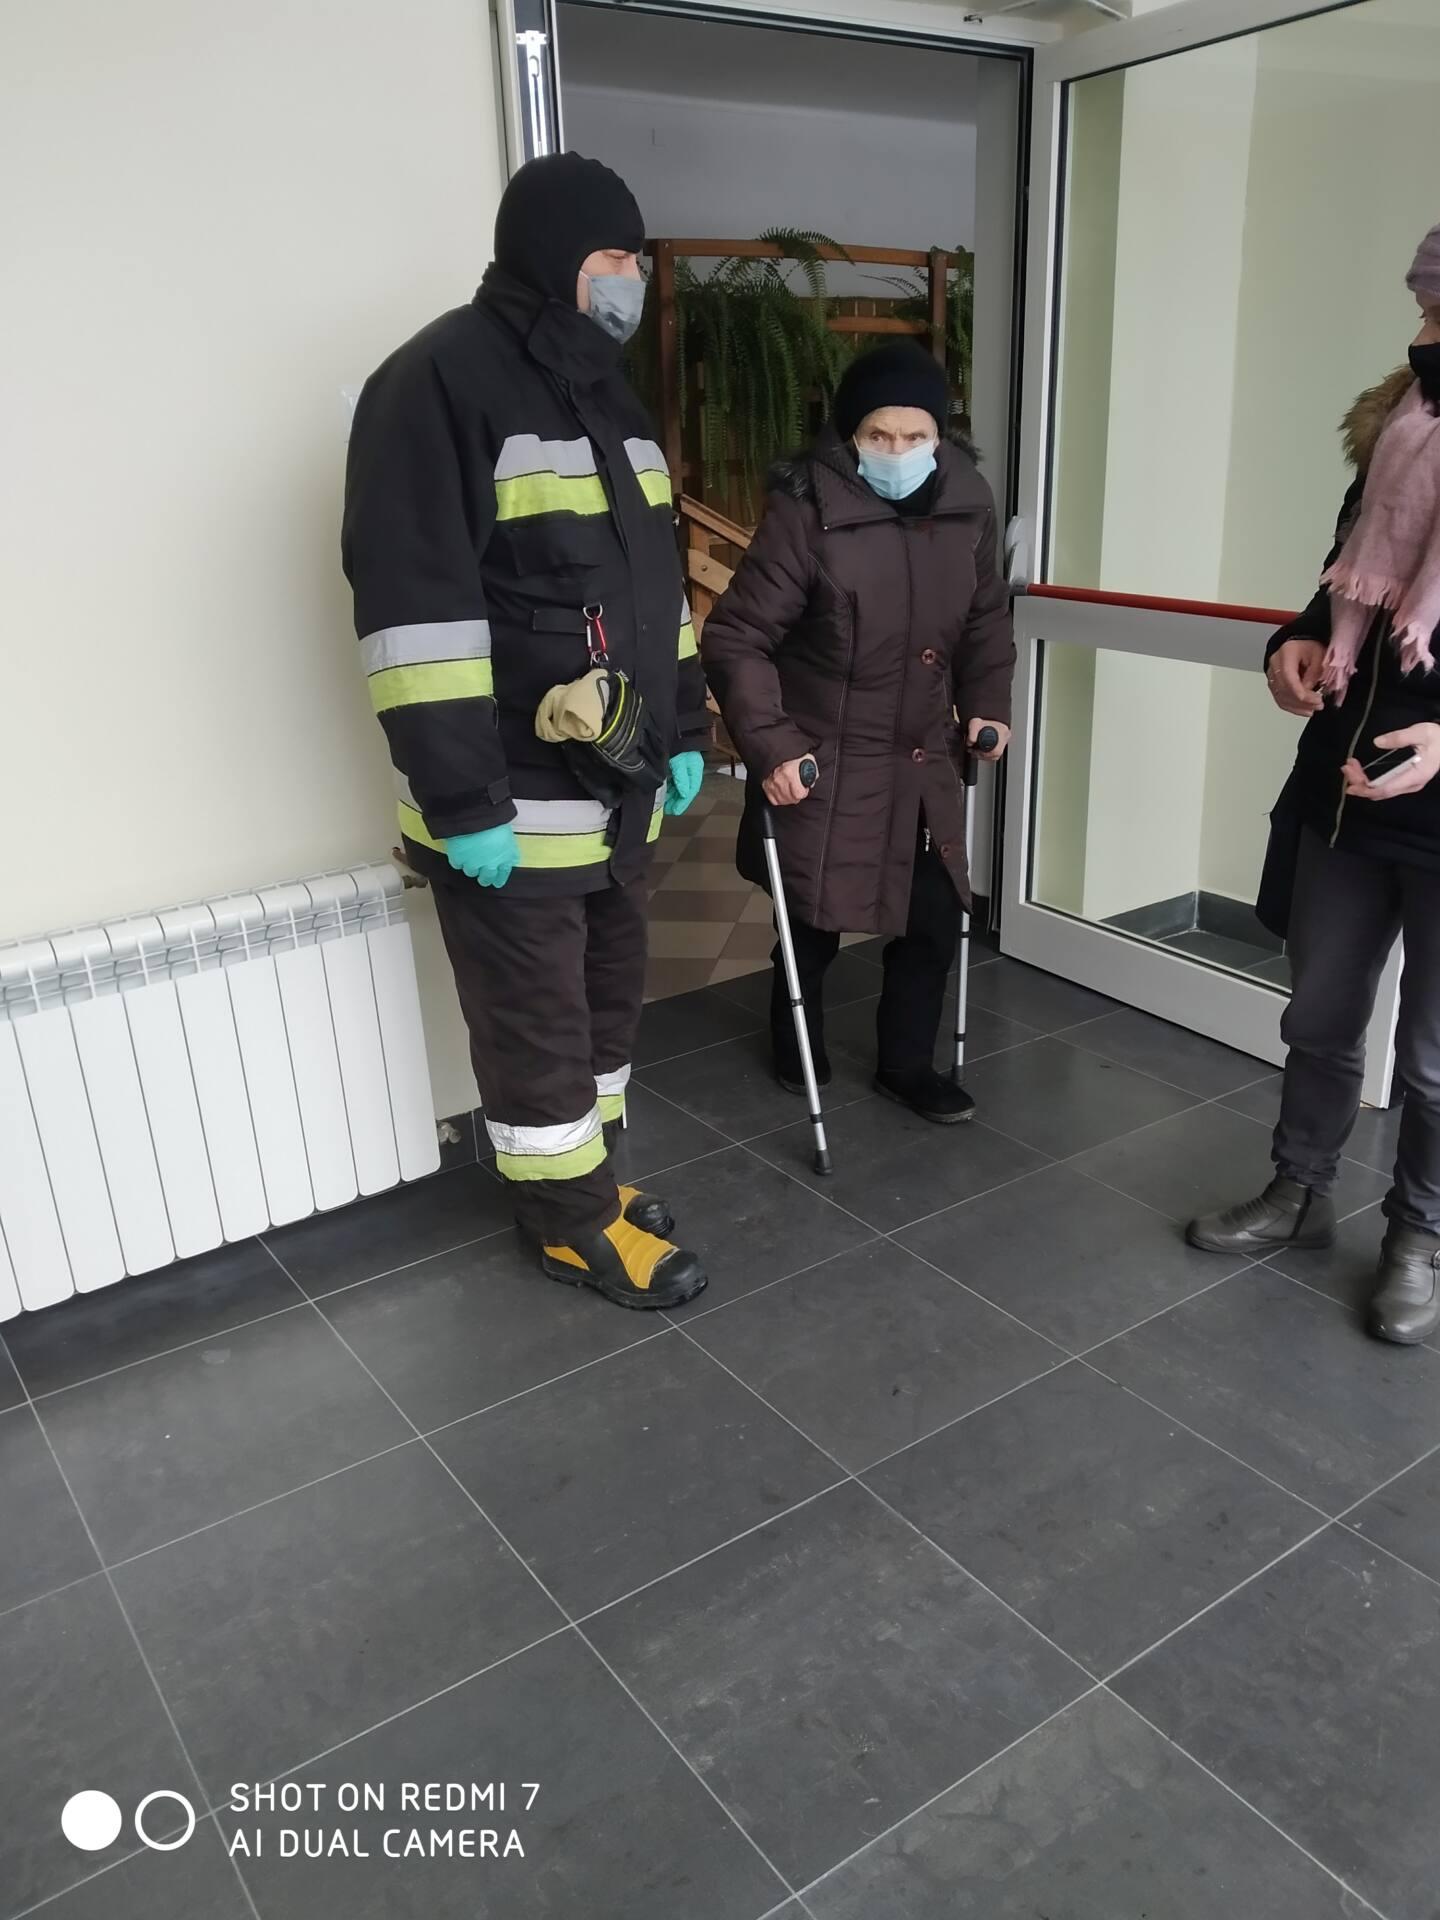 radecznica 3 Strażacy dowożą na szczepienia przeciwko COVID-19